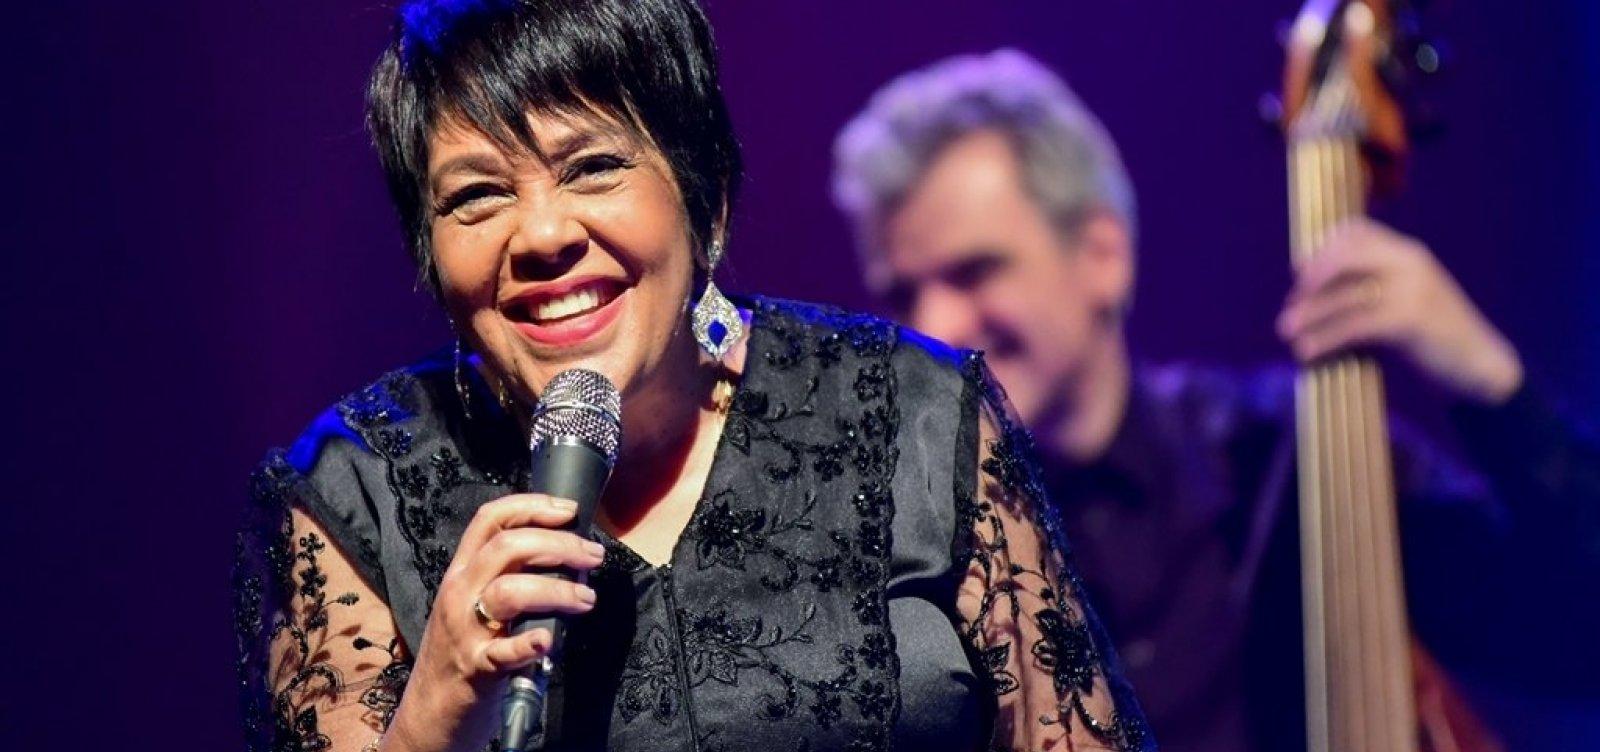 Rosa Passos apresenta o show 'Brasileira' em Salvador